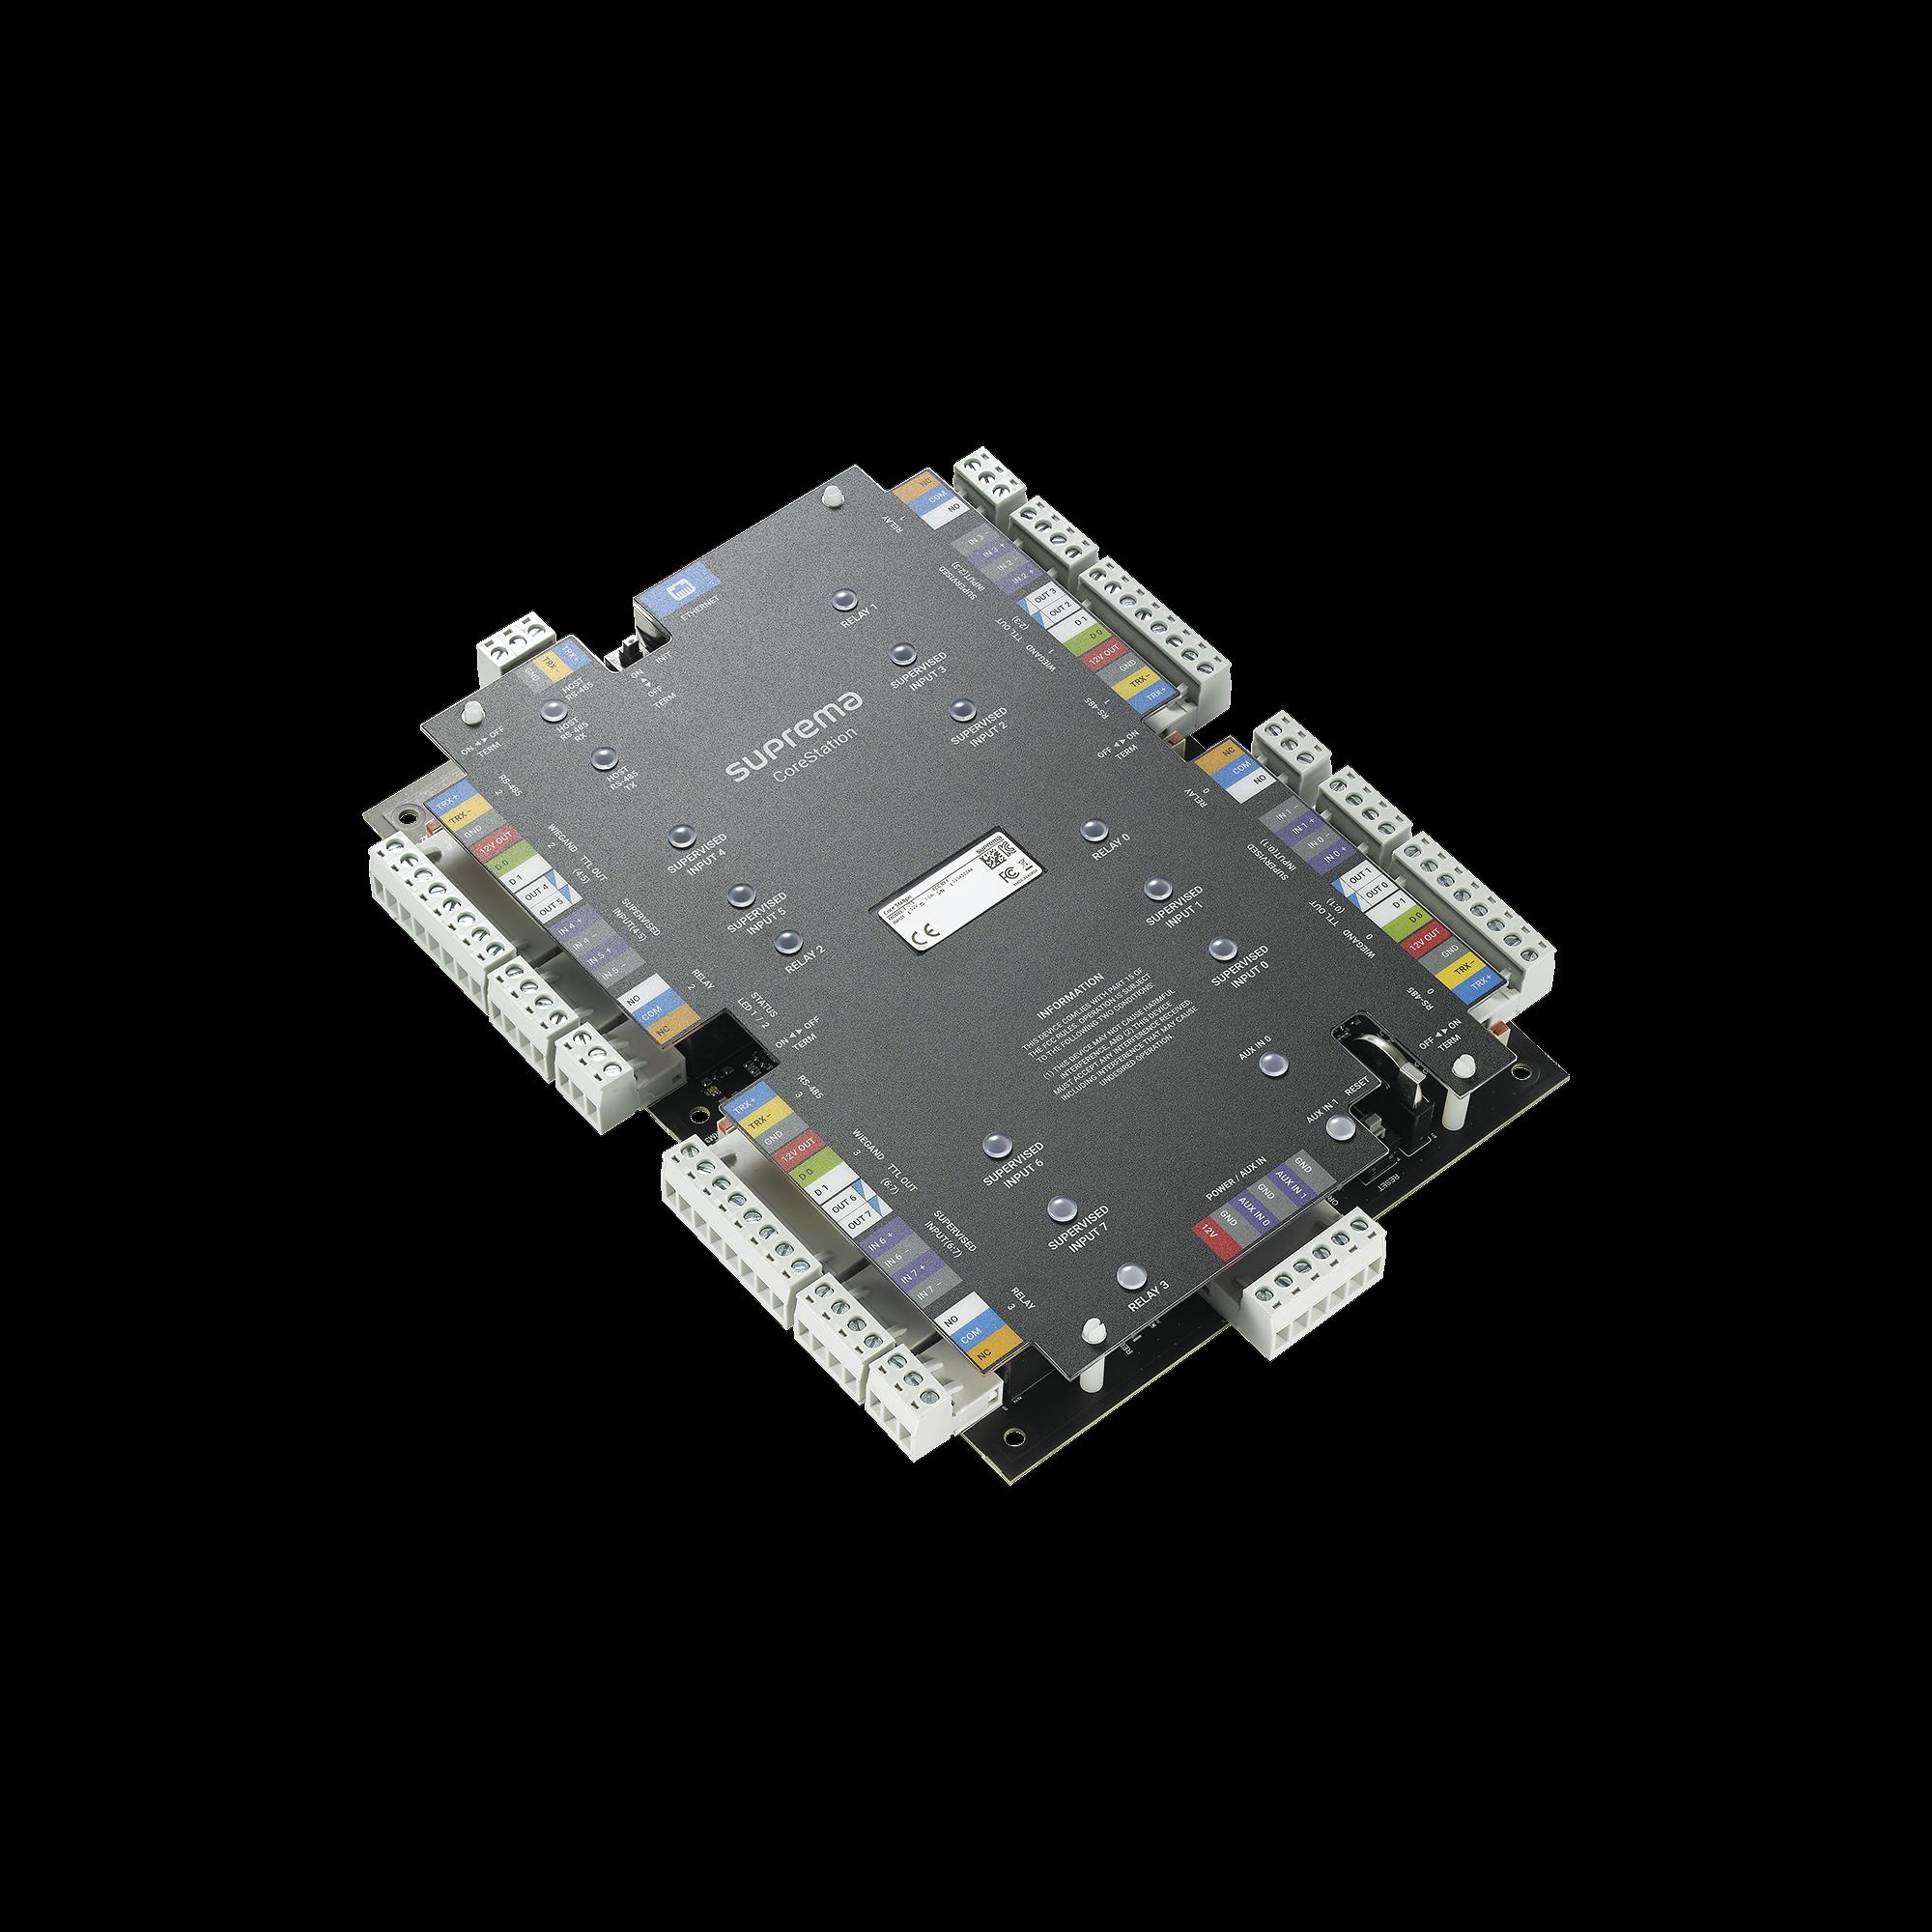 CoreStation Panel de Control de Acceso / Biometría Integrada / Compatible con Sistema de Elevadores / 200,000 Huellas  / 4 Puertas